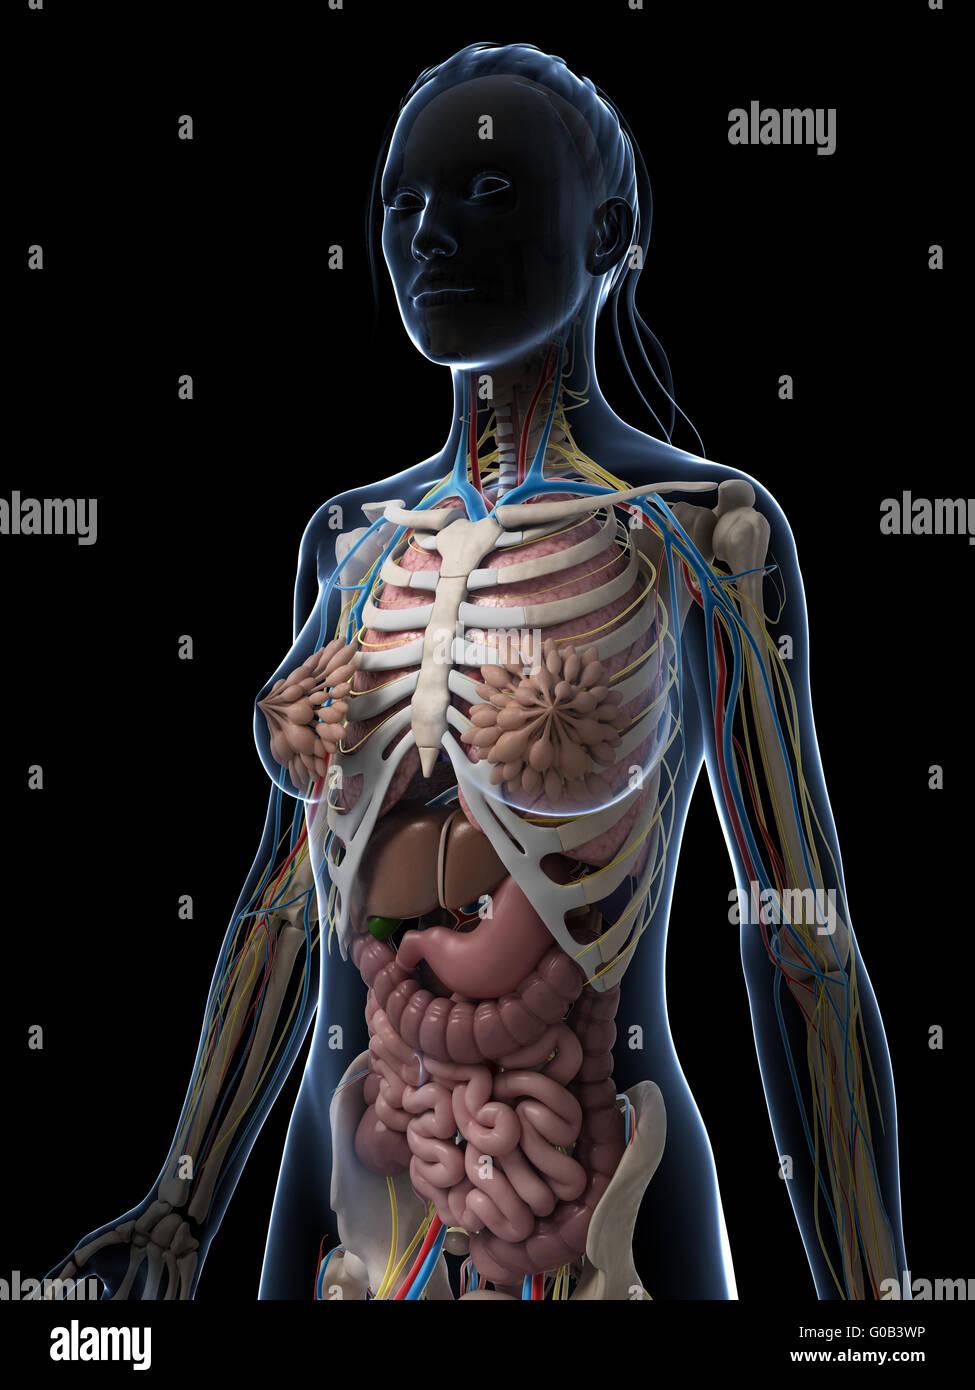 Großartig Anatomie Des Kriechgang Bilder - Anatomie Von Menschlichen ...